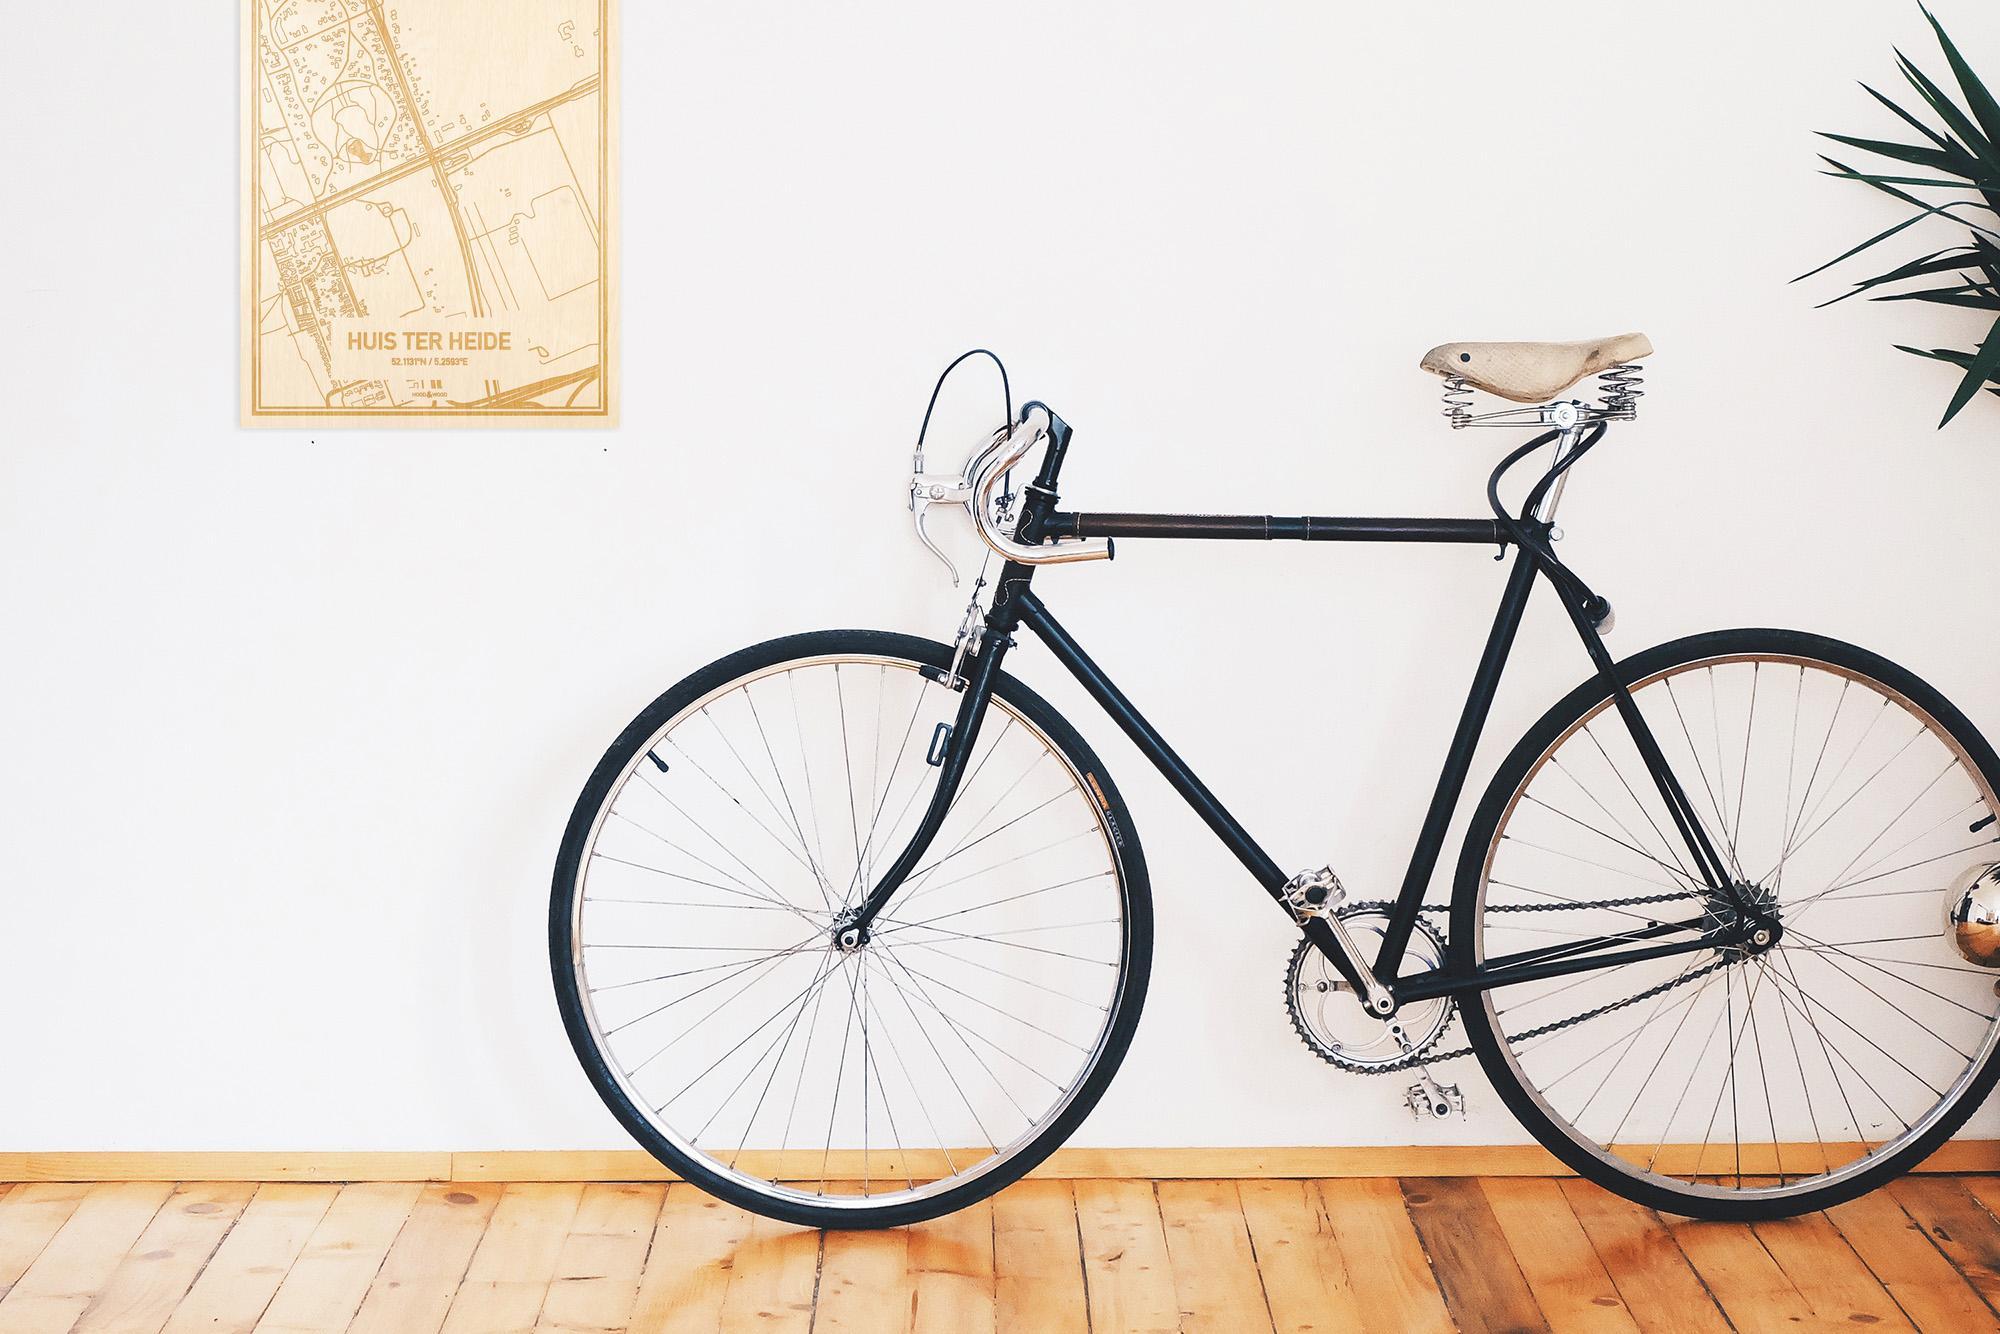 Een snelle fiets in een uniek interieur in Utrecht met mooie decoratie zoals de plattegrond Huis ter Heide.